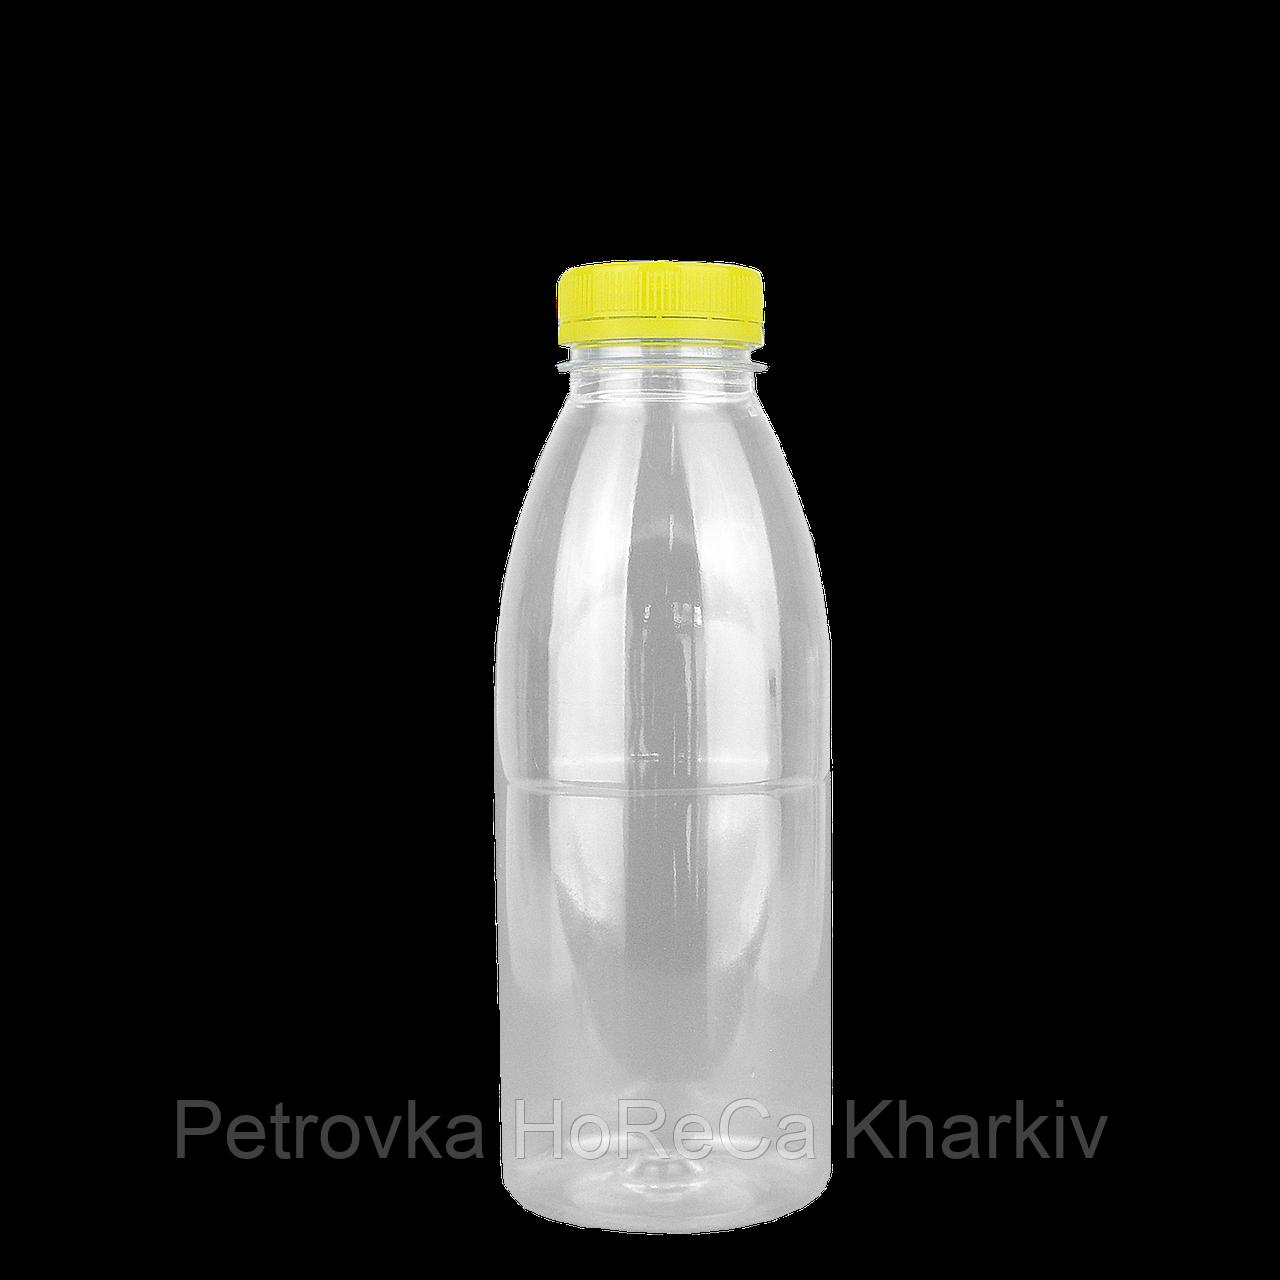 Бутылка ПЕТ 500мл с крышкой 5шт/уп диаметр горла 38мм